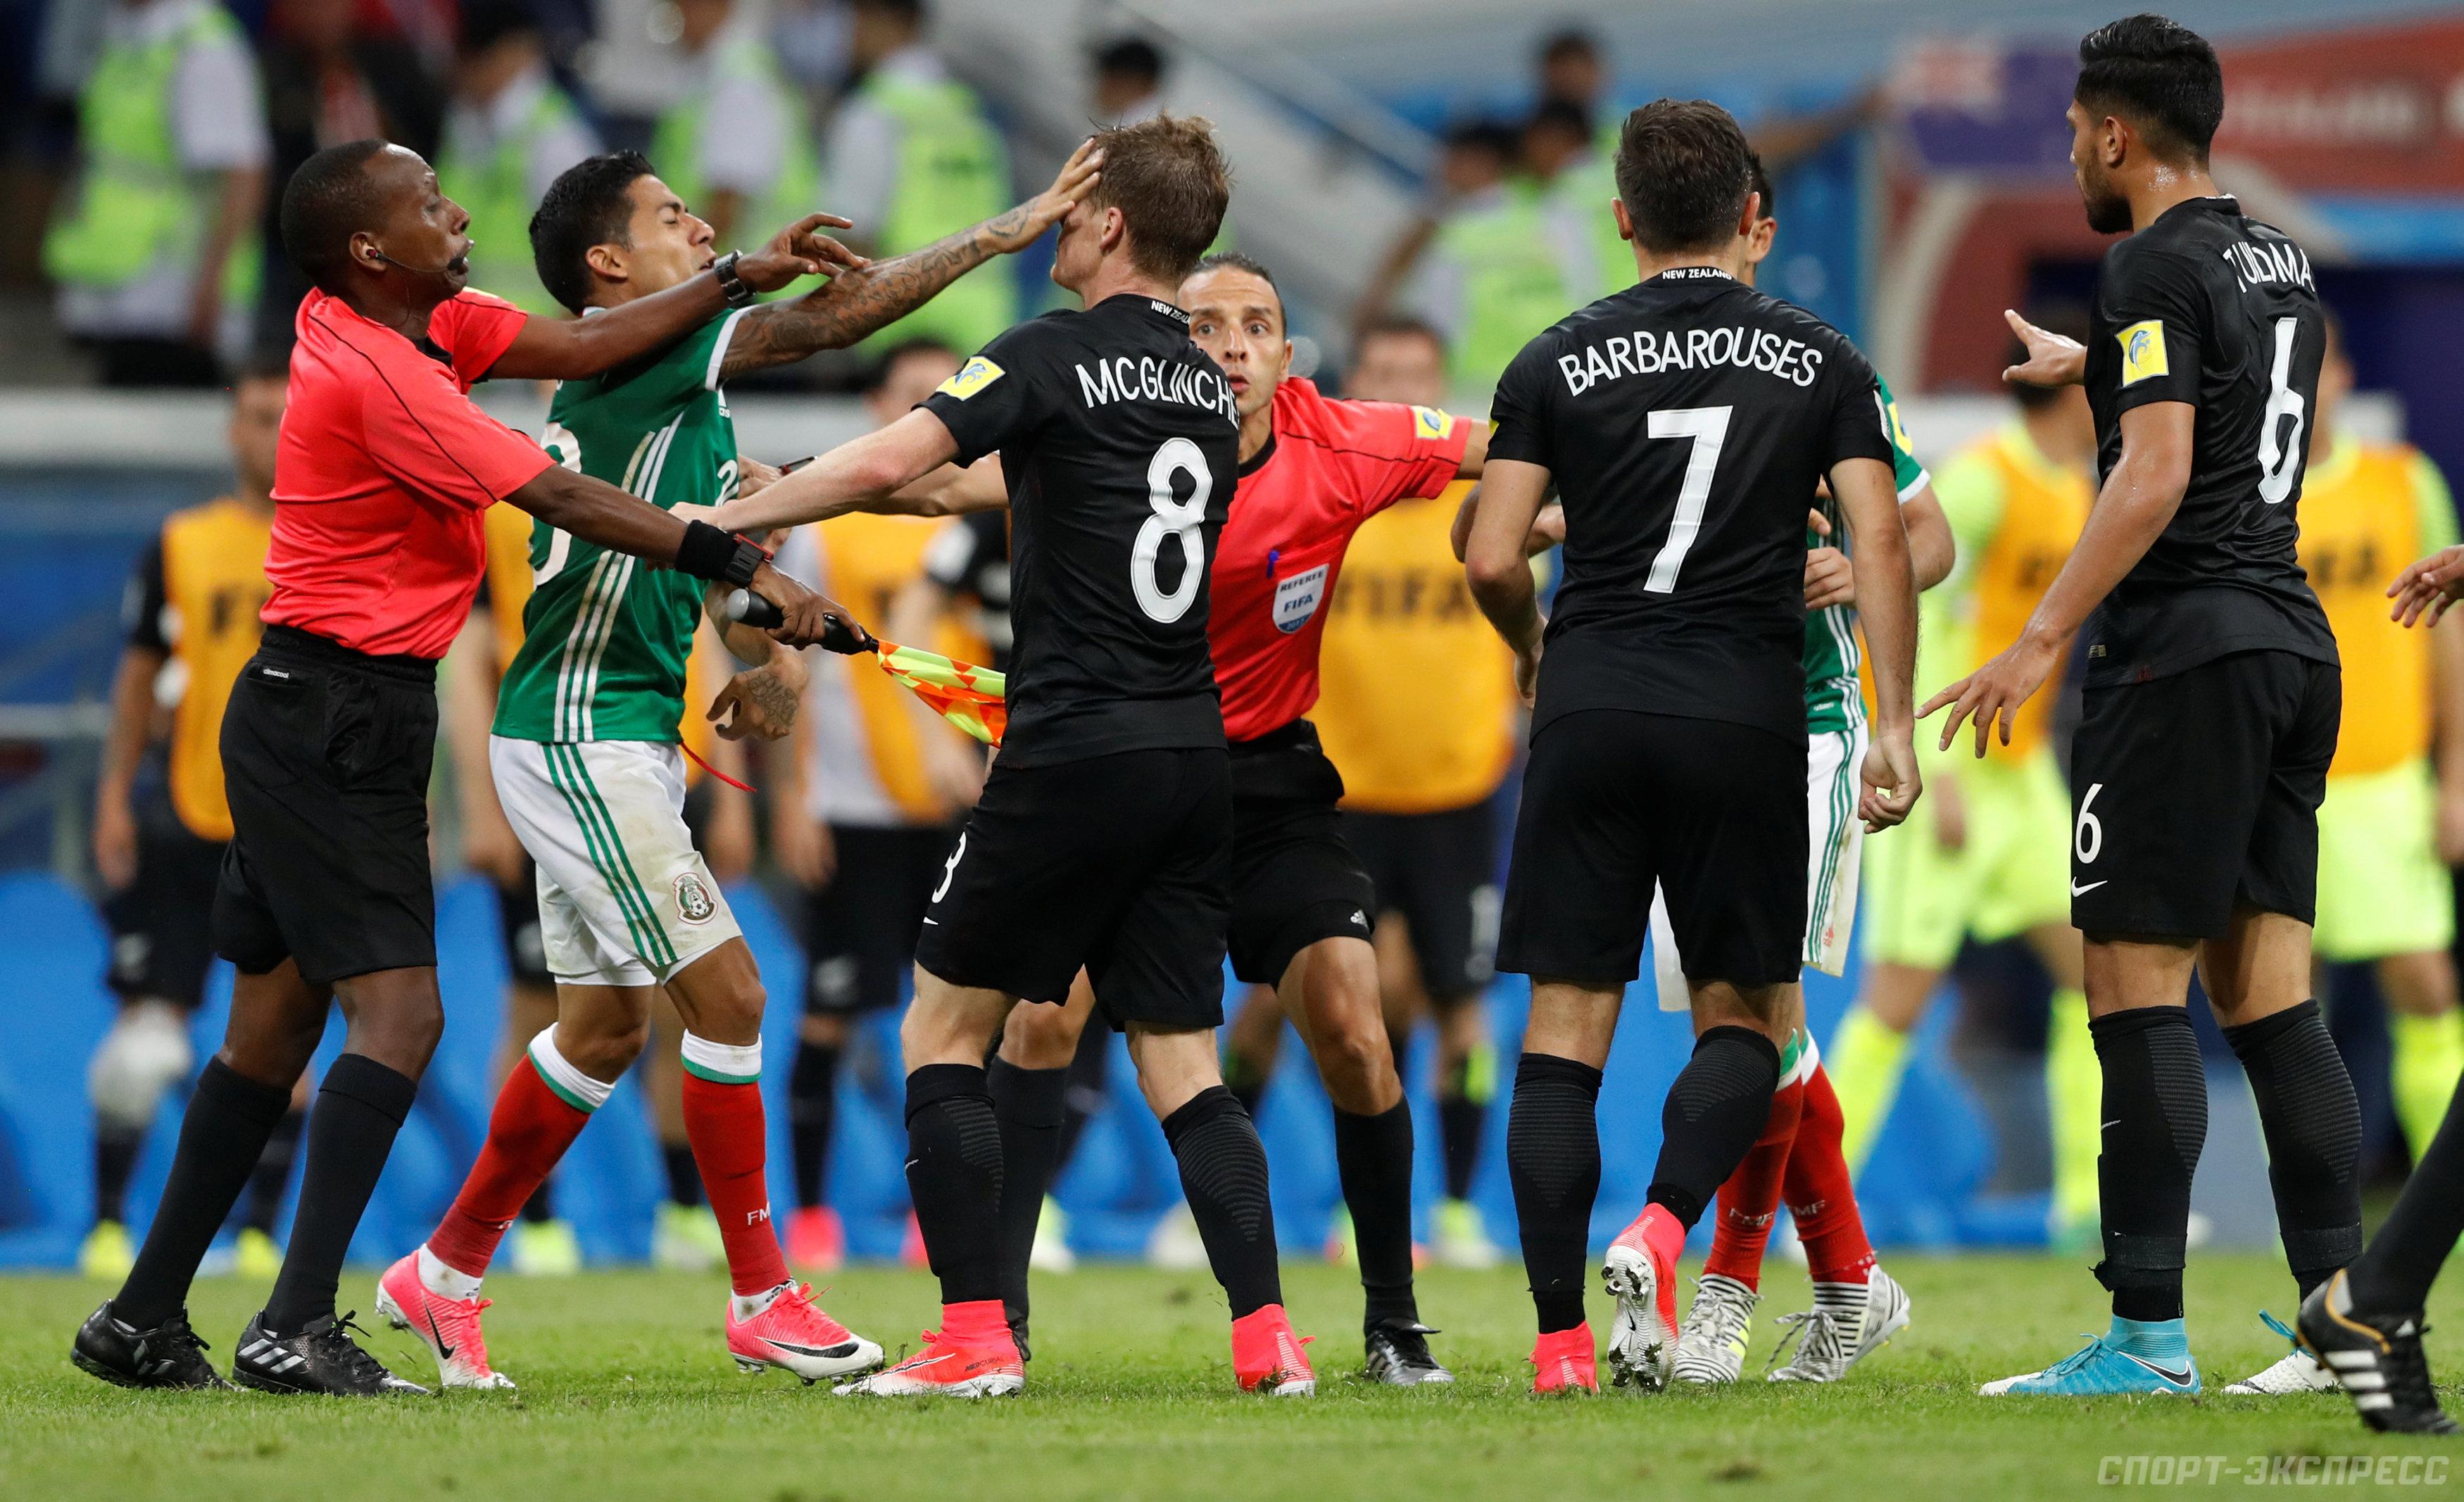 Мексика — Новая Зеландия: прогноз на матч 21.06.2017